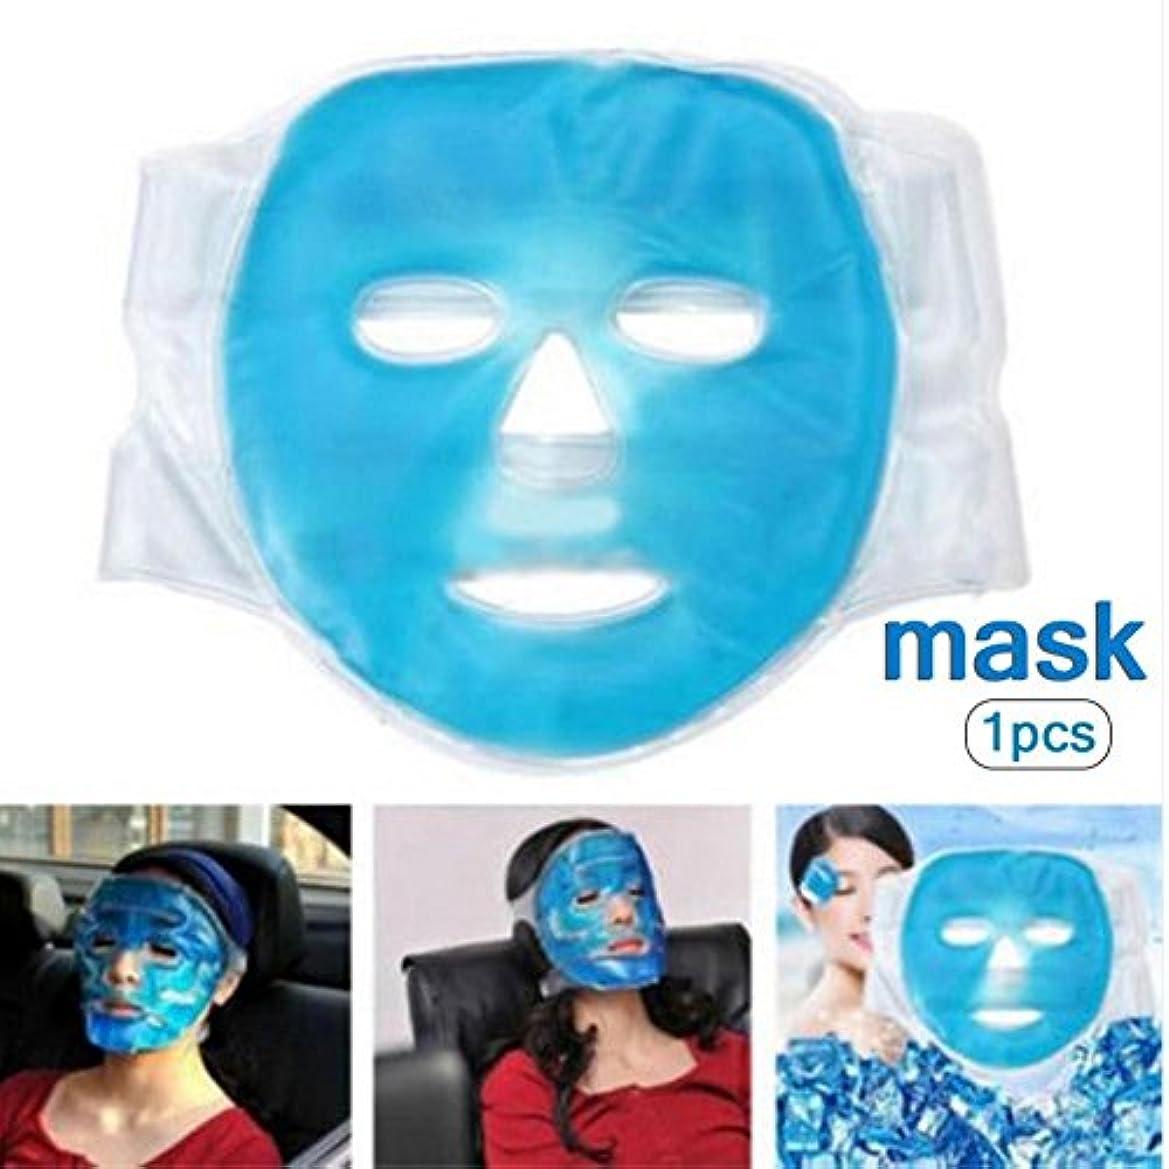 すり無駄に求人SILUN フェイスマスク 冷温兼用 美容用 再利用可能 毛細血管収縮 肌ケア 保湿 吸収しやすい 美容マッサージ アイスマスク